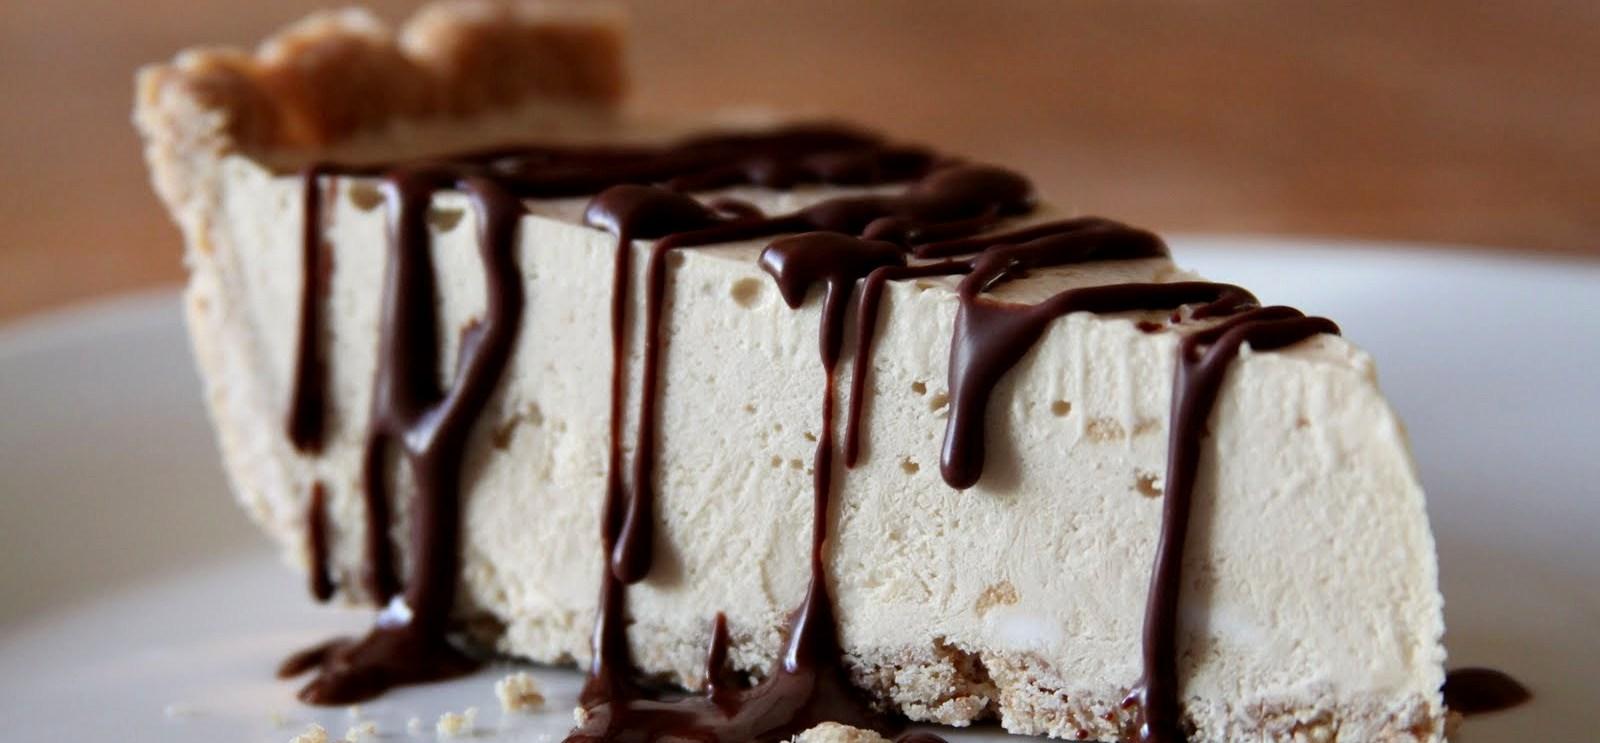 coffee cheesecake - Кофейный чизкейк с шоколадной прослойкой и соусом